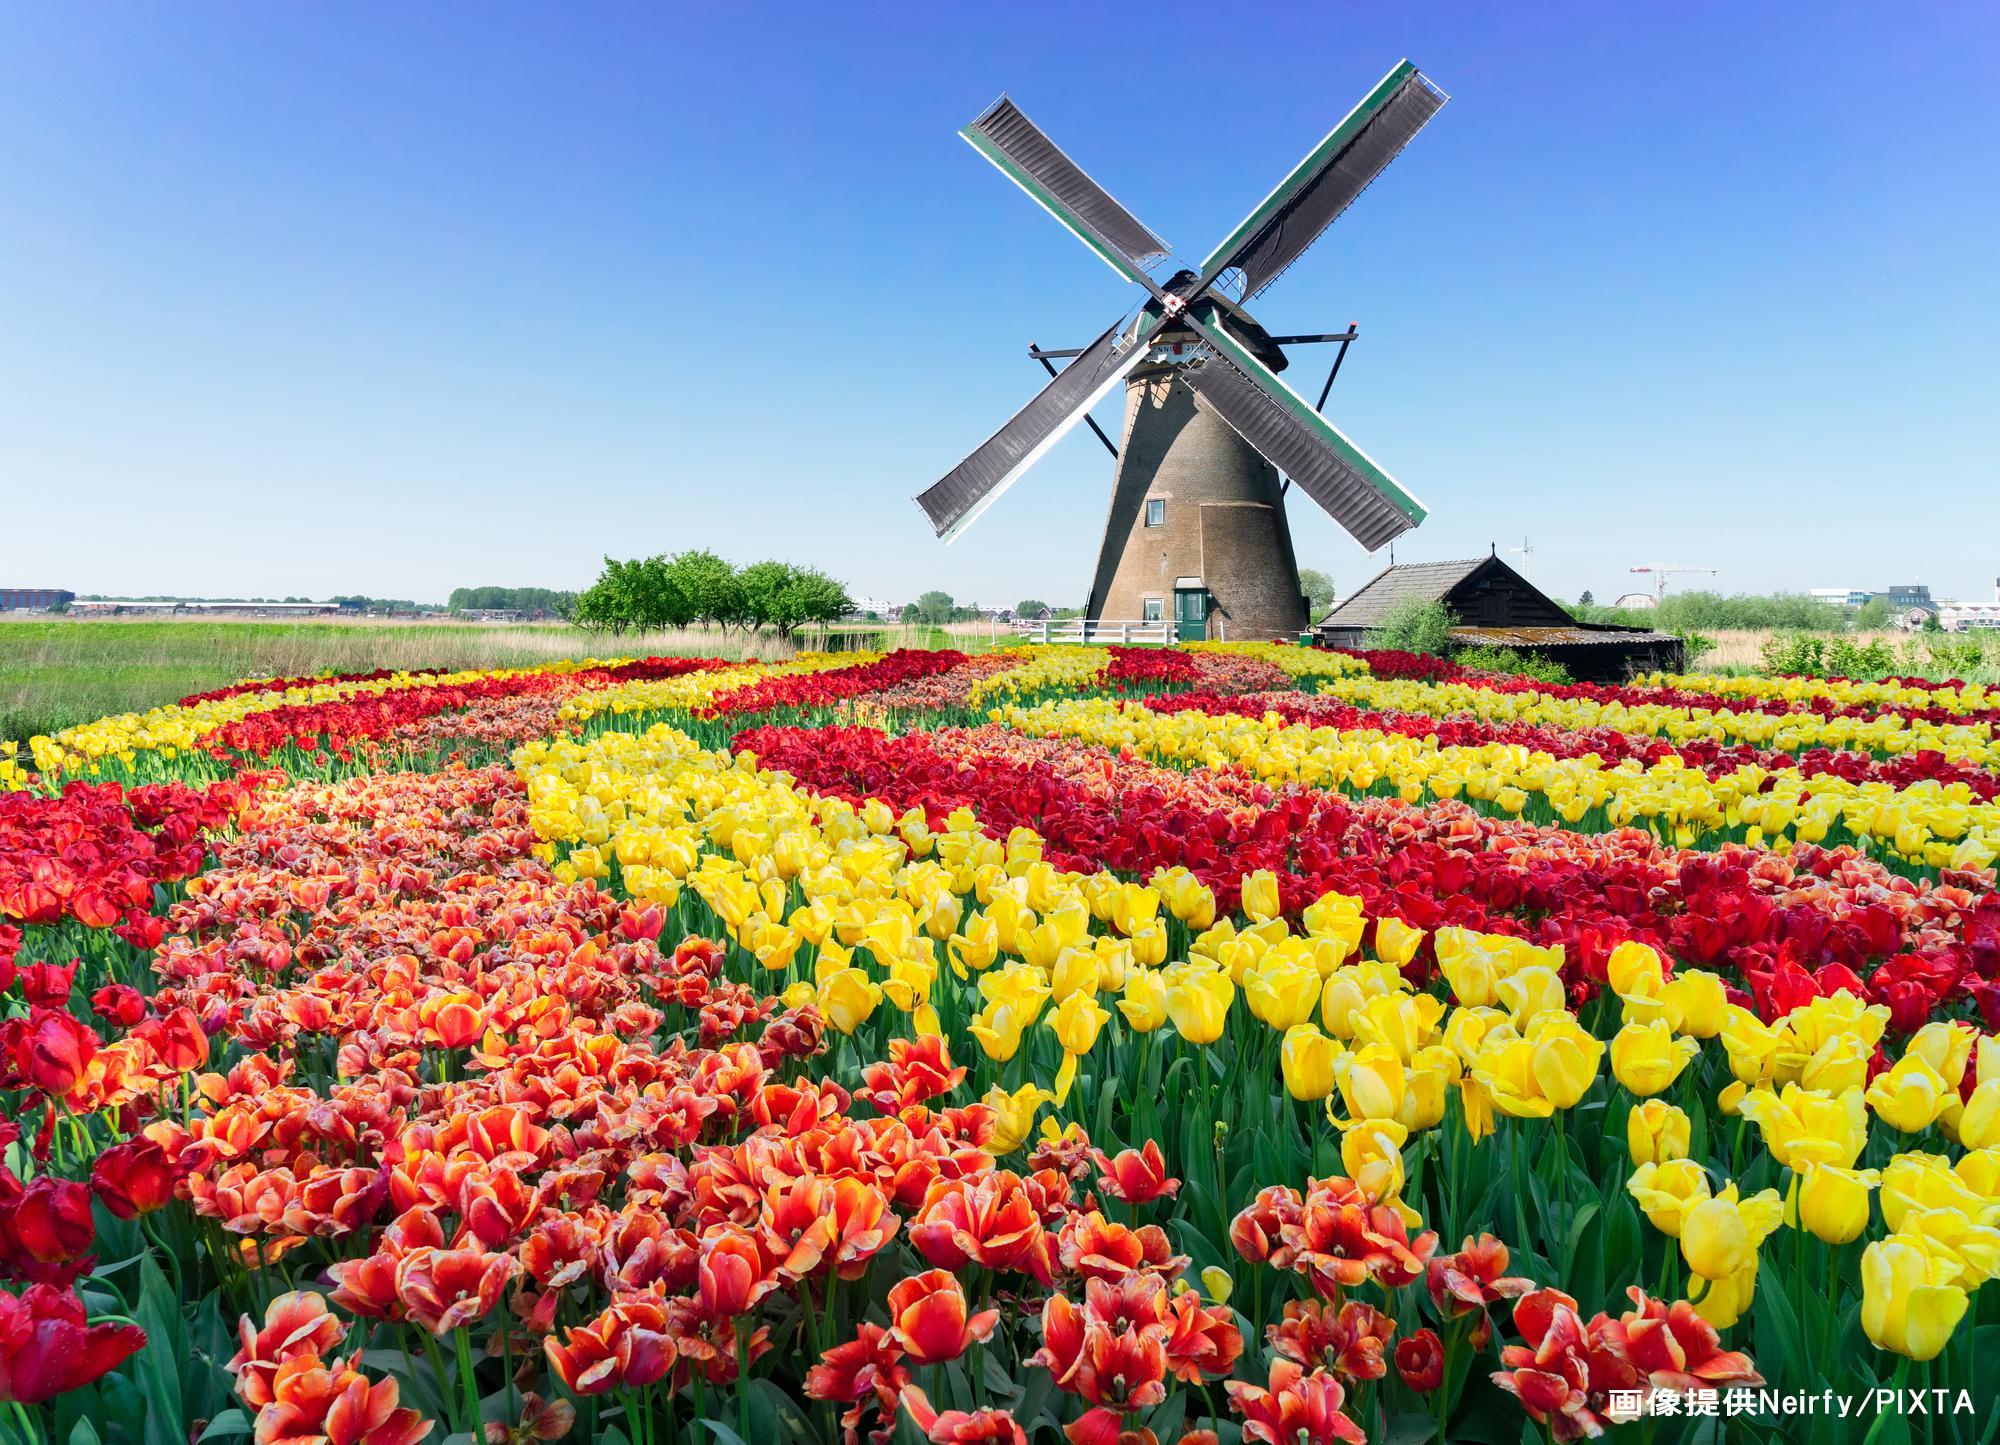 オランダ画像PIXTA名前入り.jpg